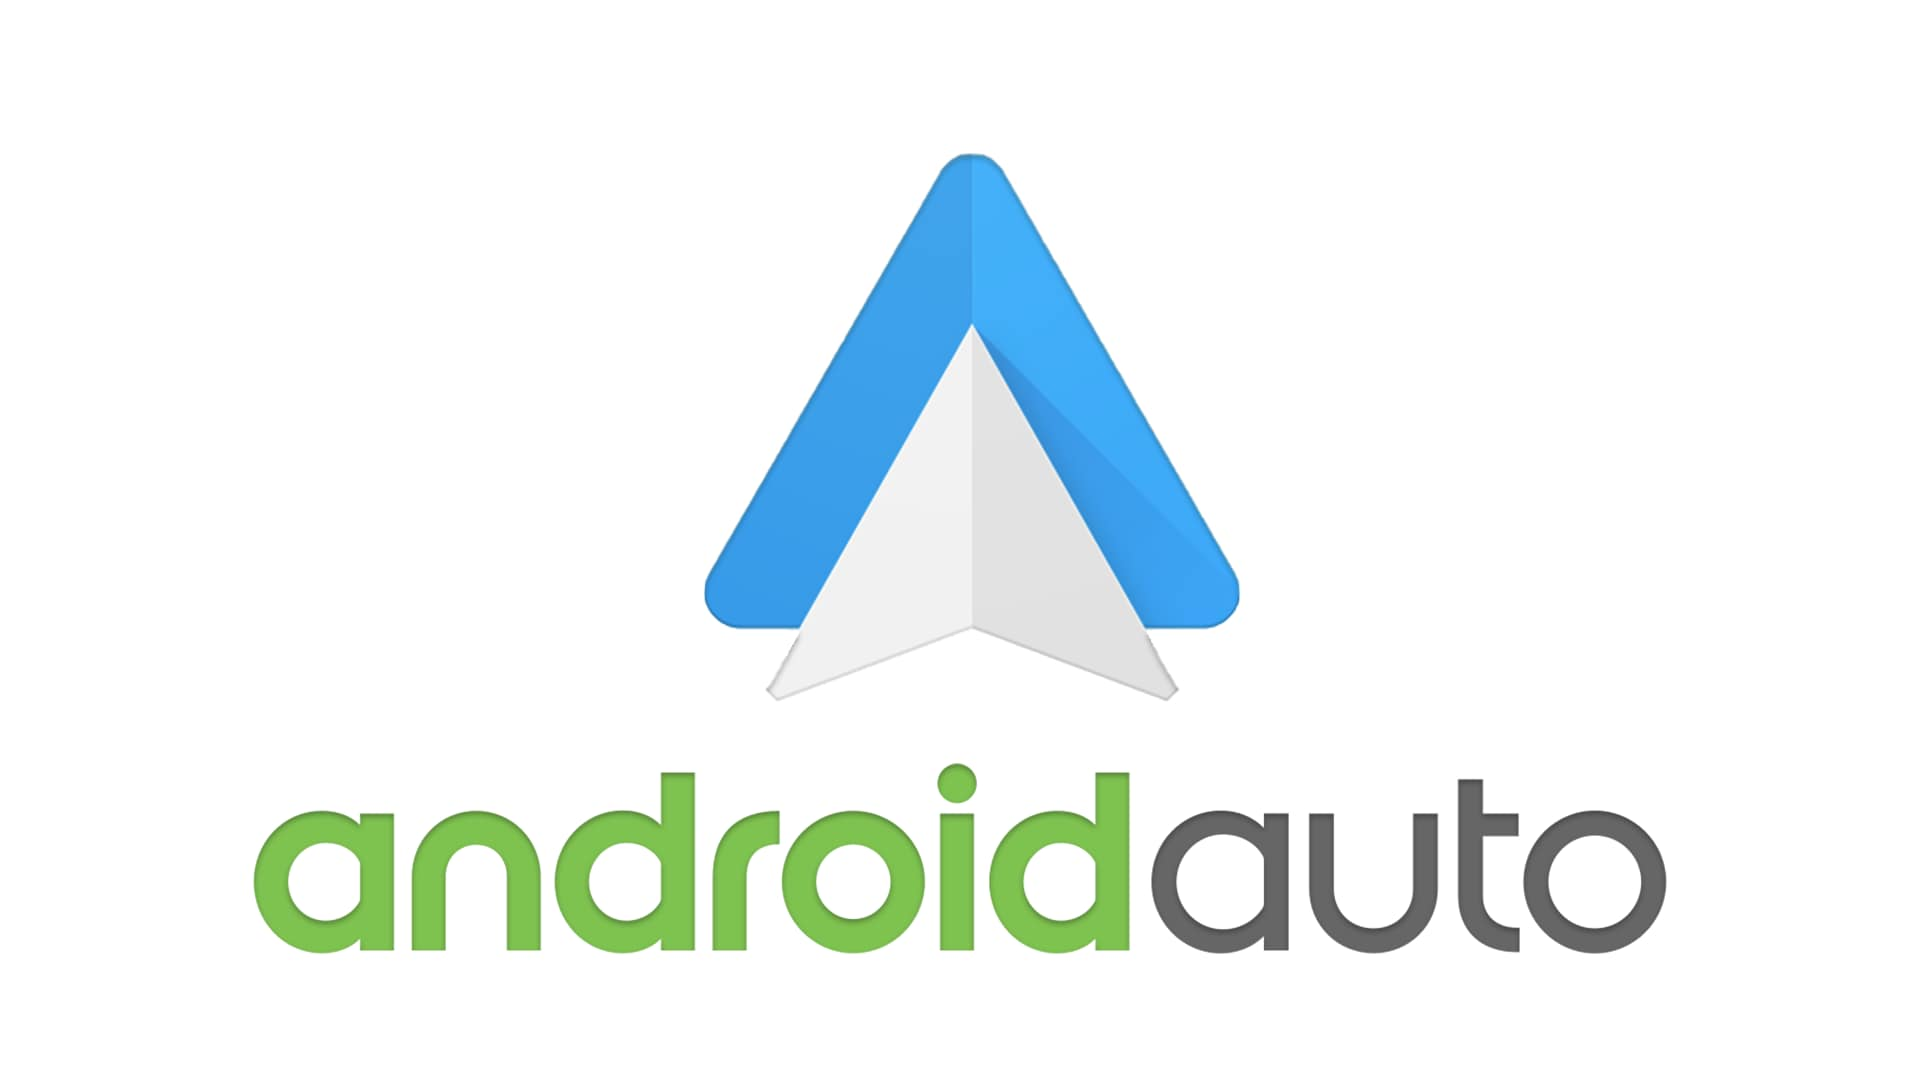 Android Auto non si ferma: raggiunto il traguardo di mezzo miliardo di download nel Play Store